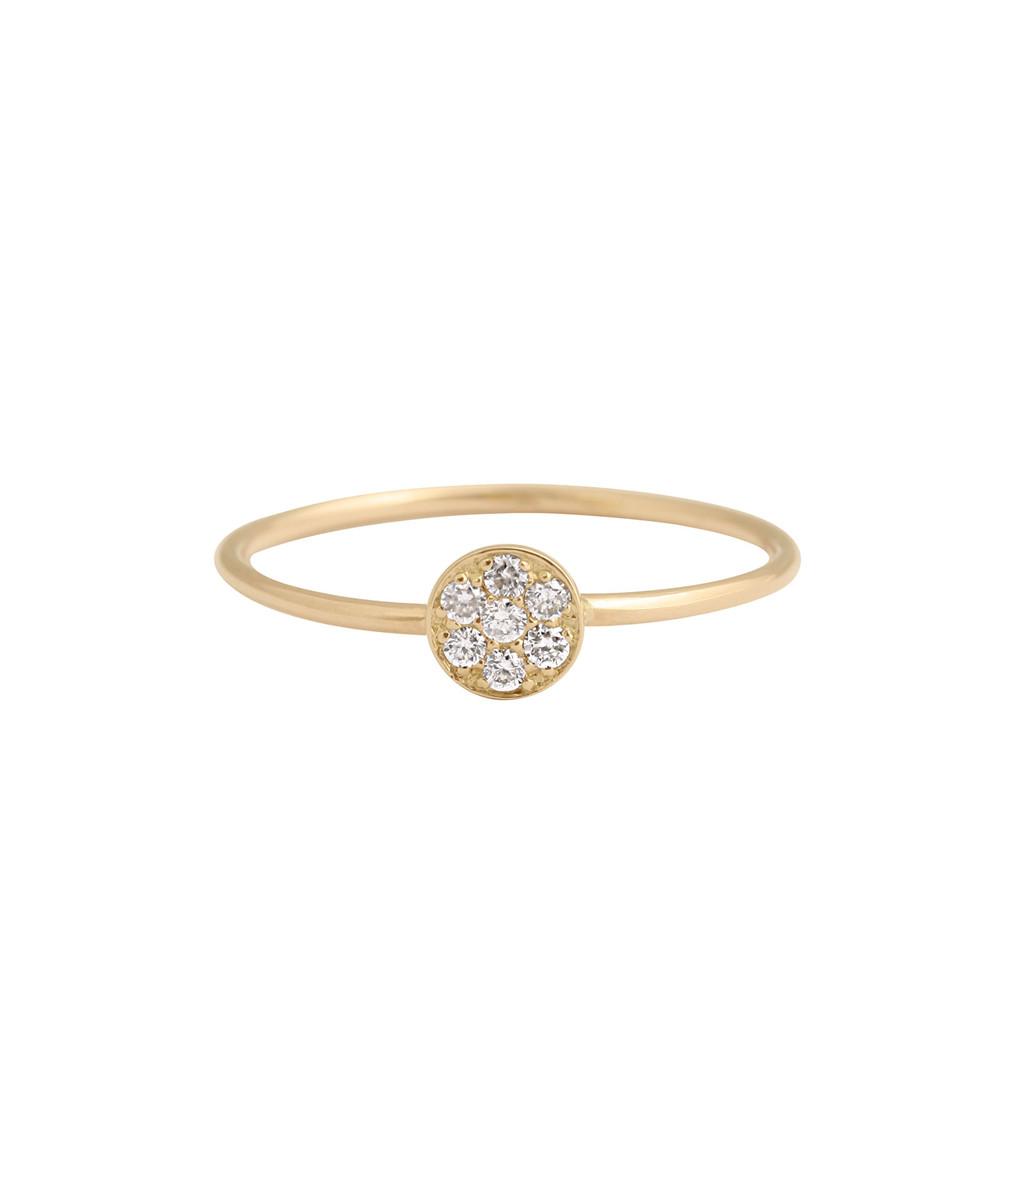 Bague Puce Diamants - GIGI CLOZEAU